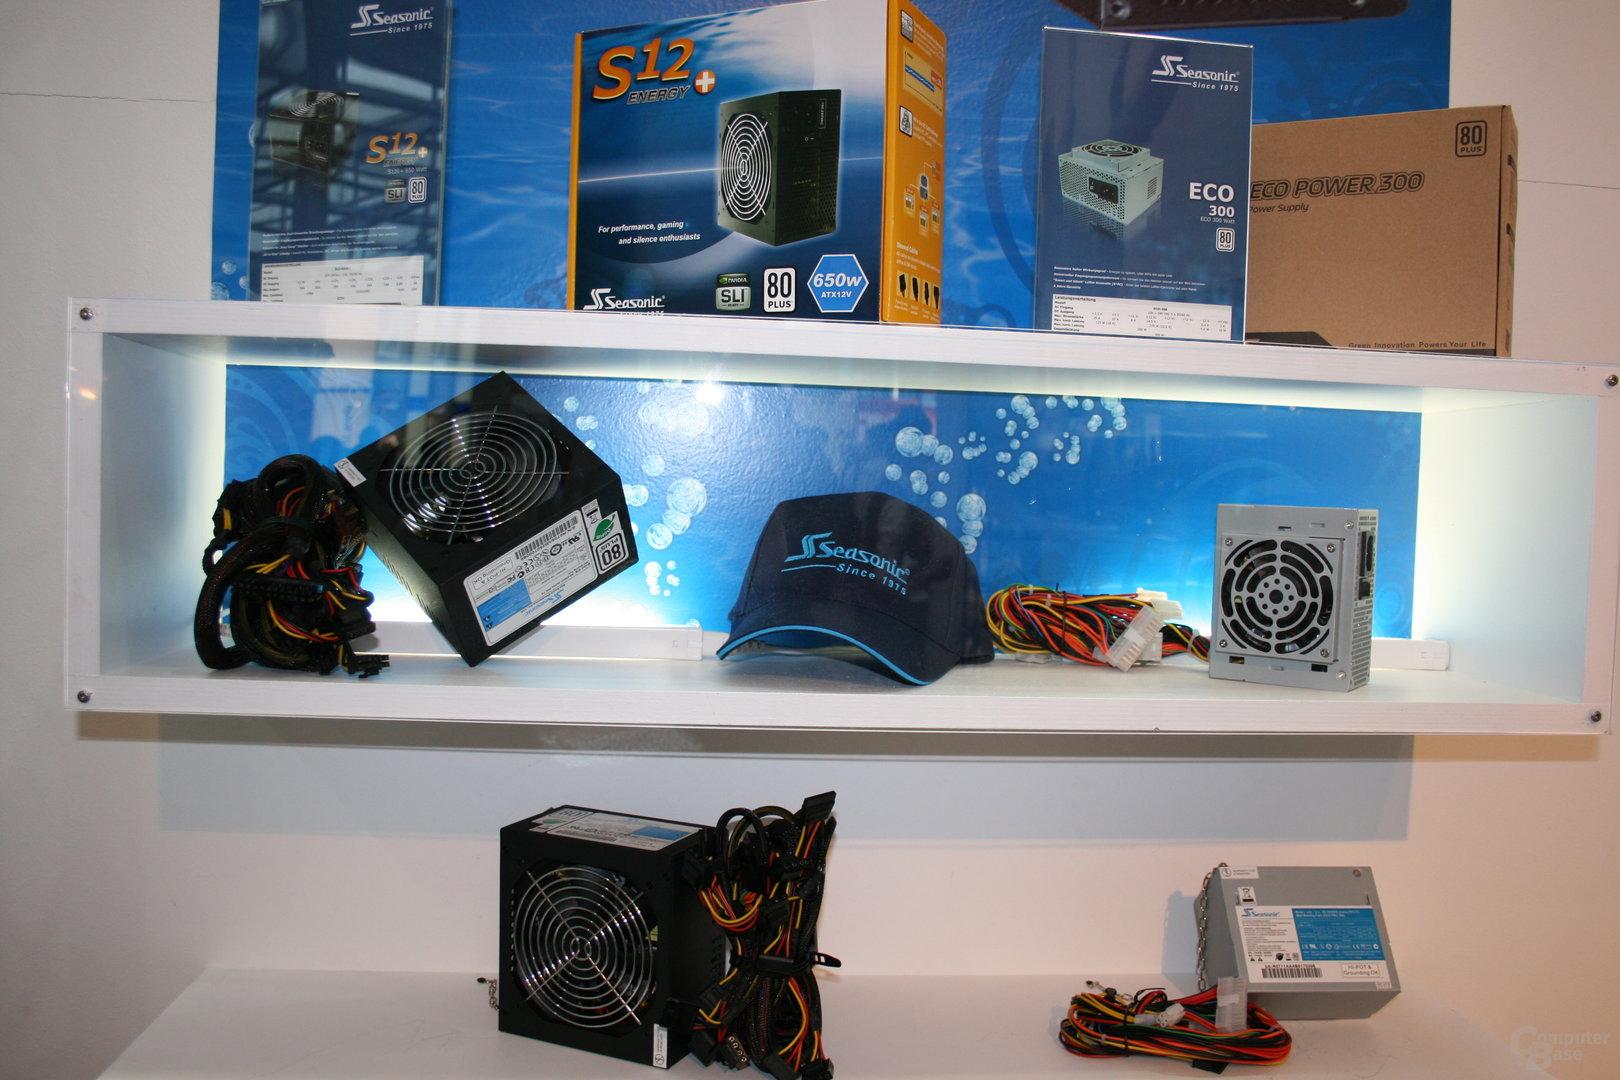 Seasonic-Netzteile auf der CeBIT 2008